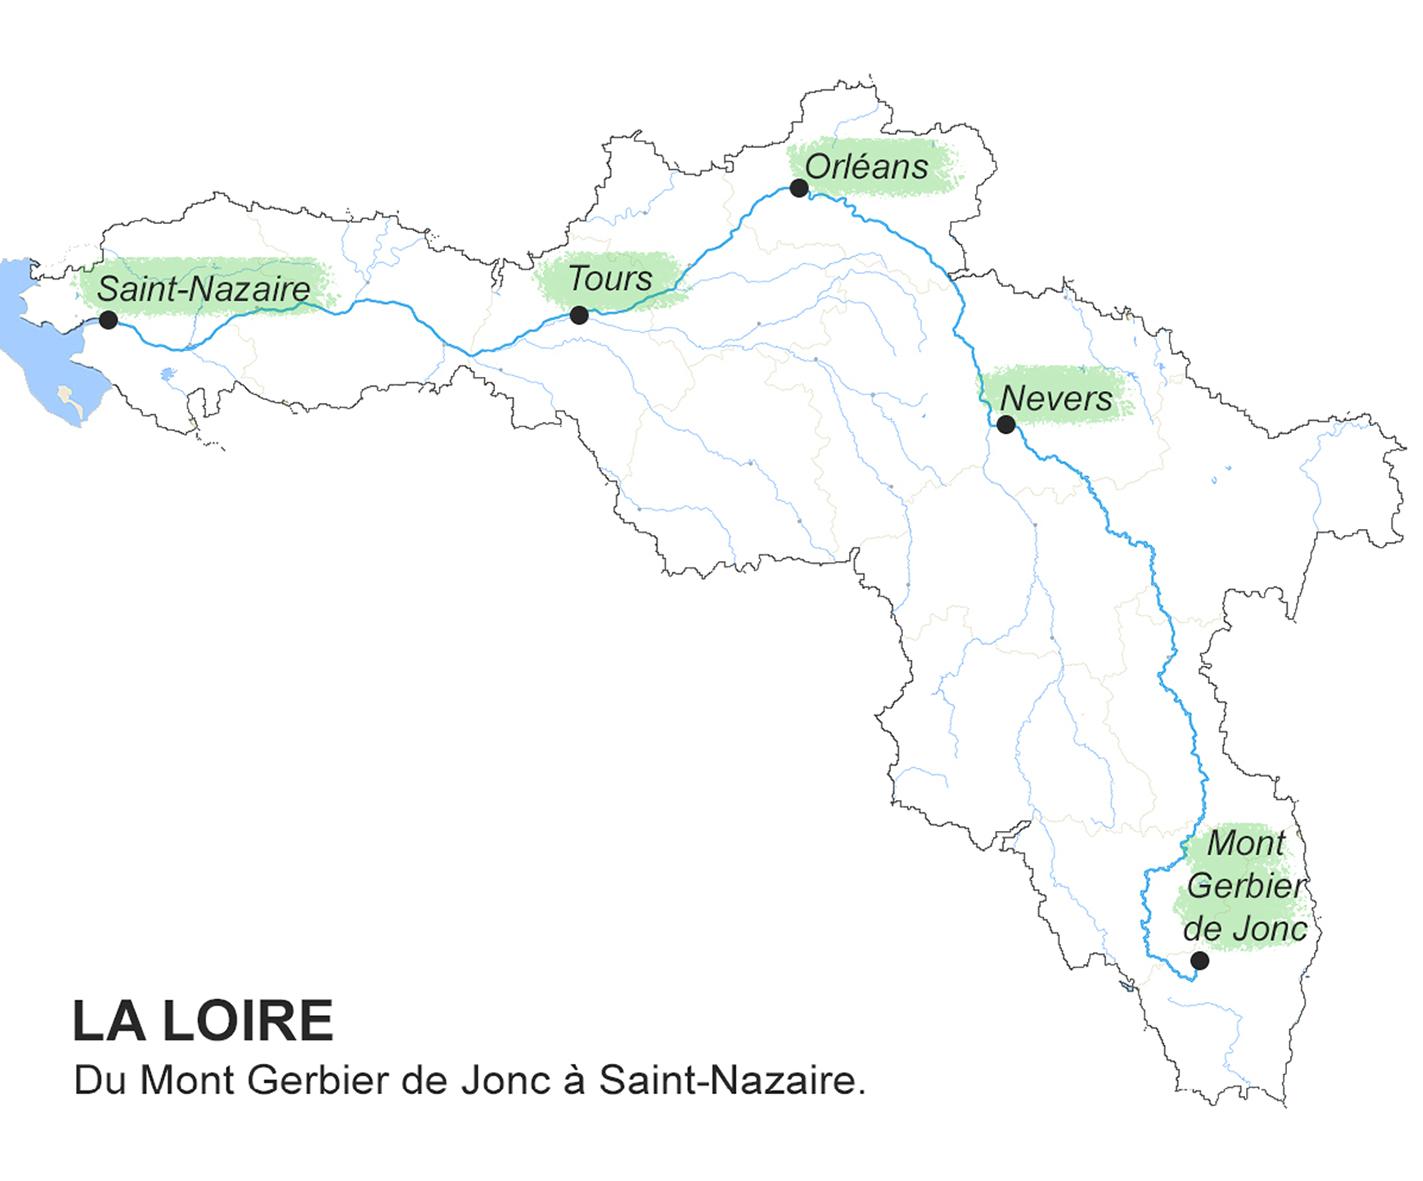 Carte de l'itinéraire de Jérémy Provoost